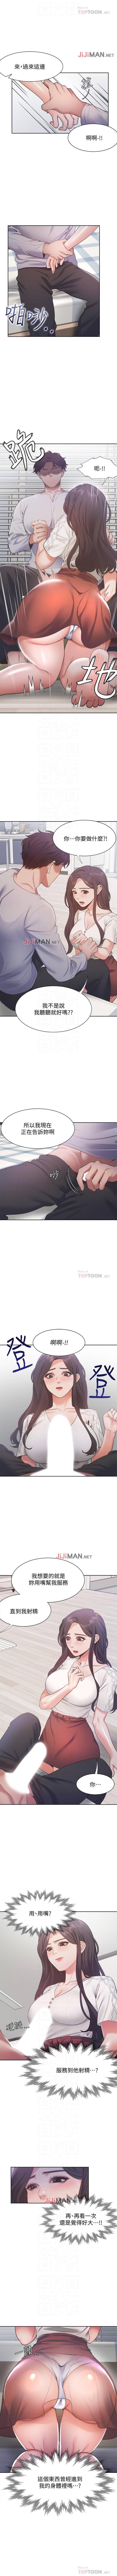 【周五连载】渴望:爱火难耐(作者:Appeal&格子17) 第1~24话 148